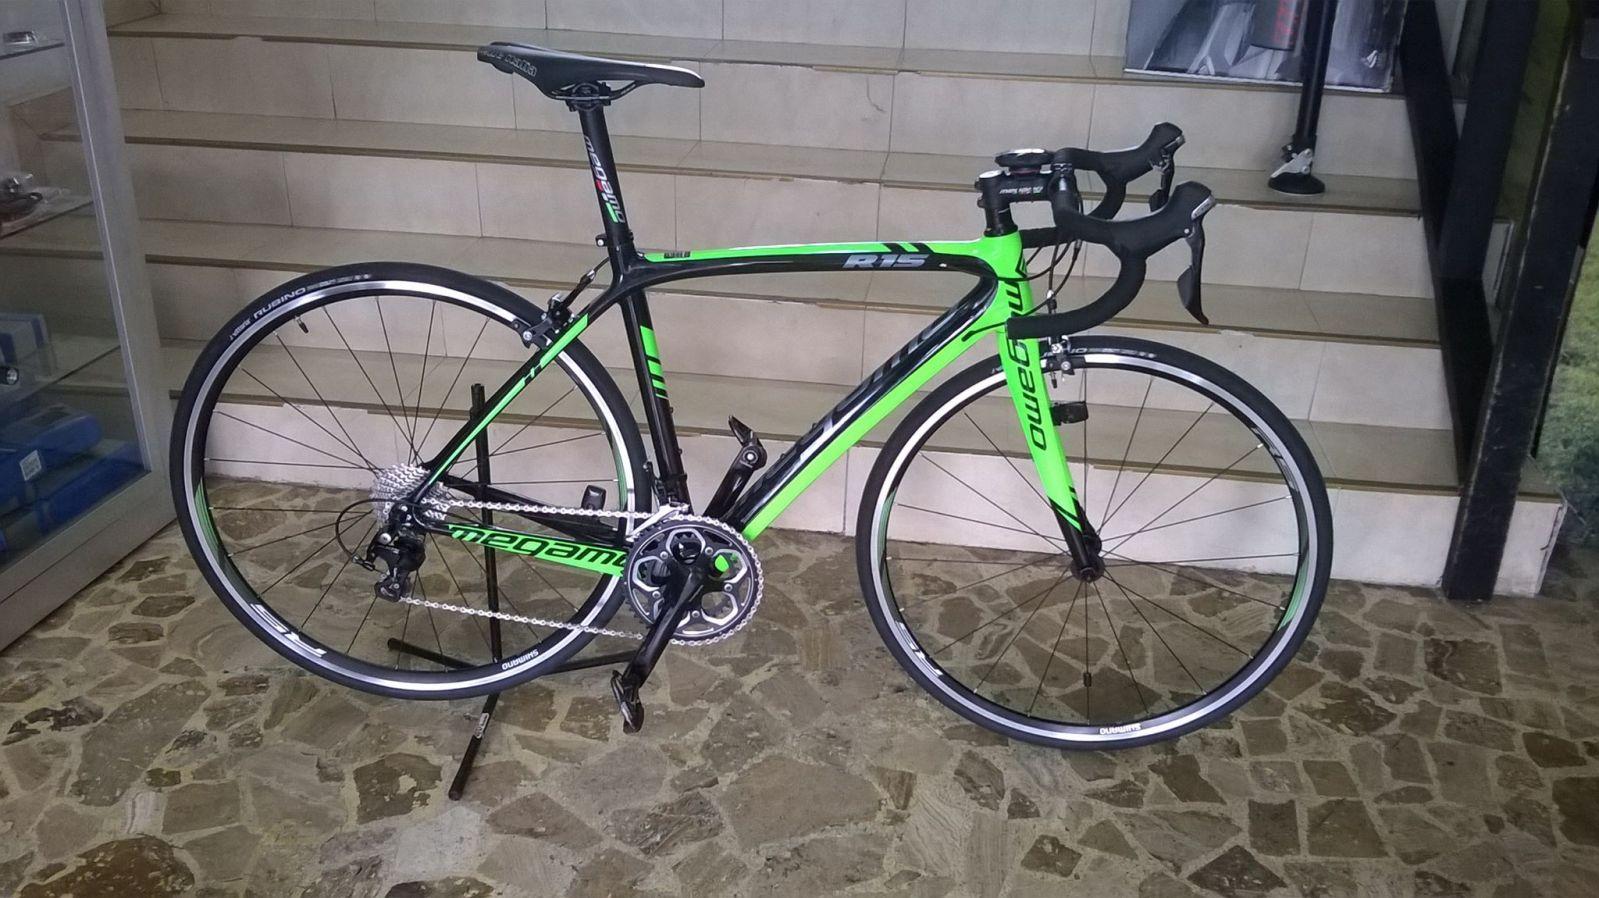 ¿Cómo es tu bicicleta deportiva y cómo la tienes configurada? Dcgchv